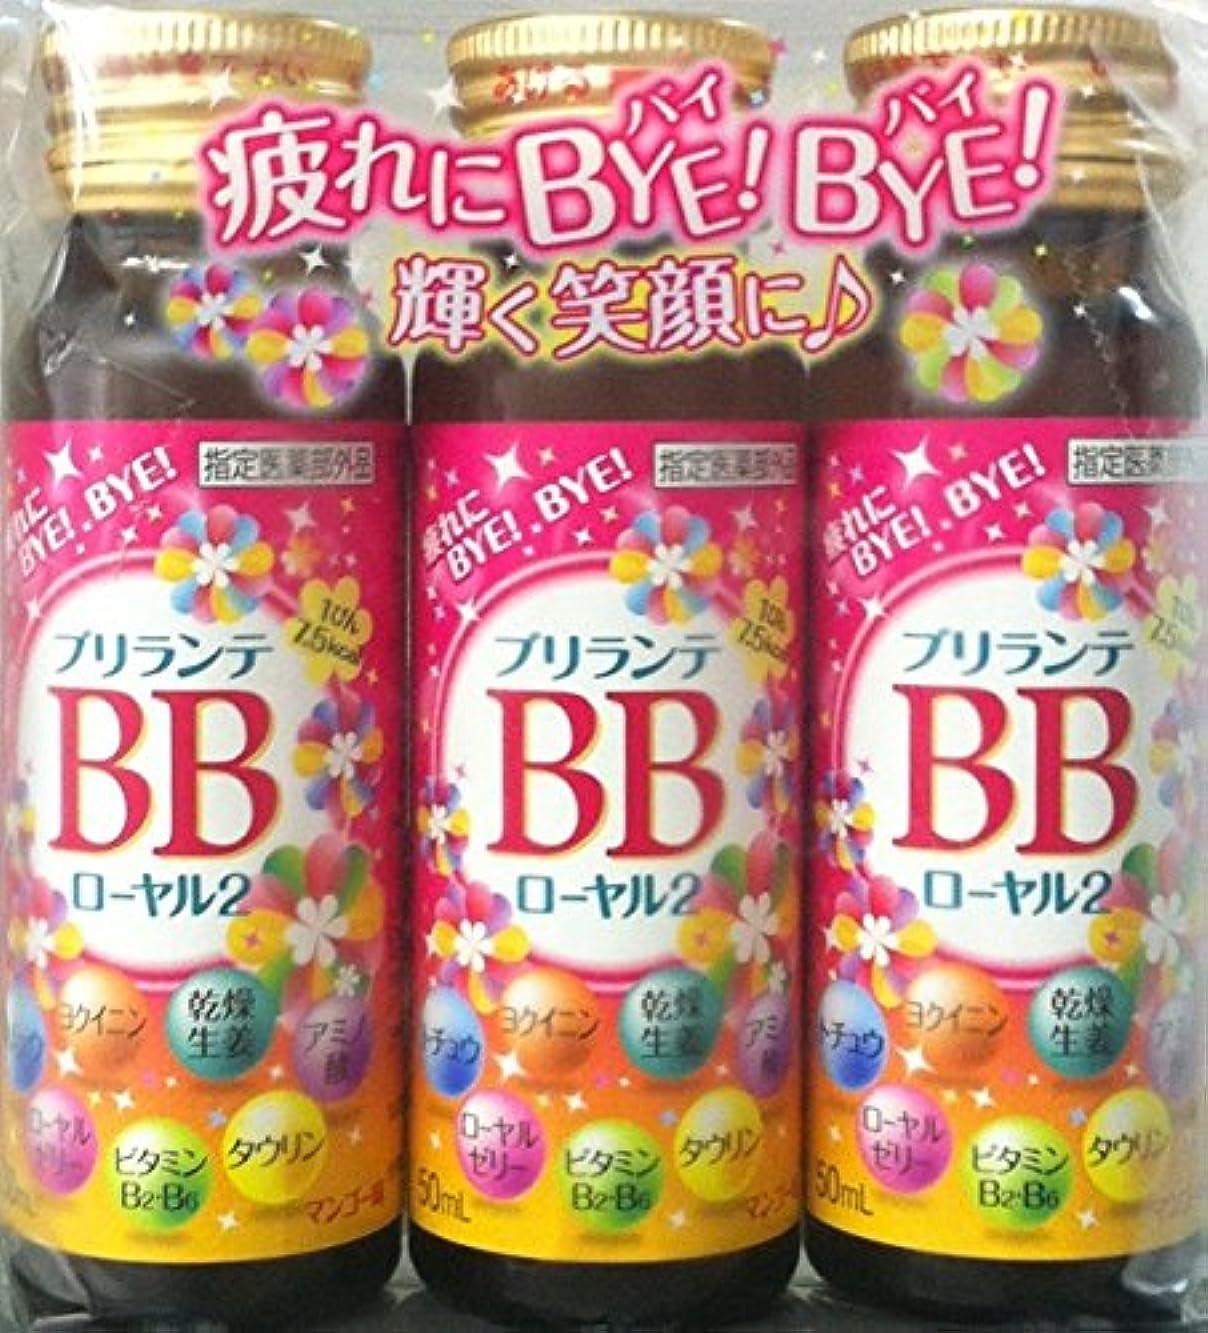 キャラクターポジション是正阪本漢法製薬 ブリランテBBローヤル2 50ml×3本セット